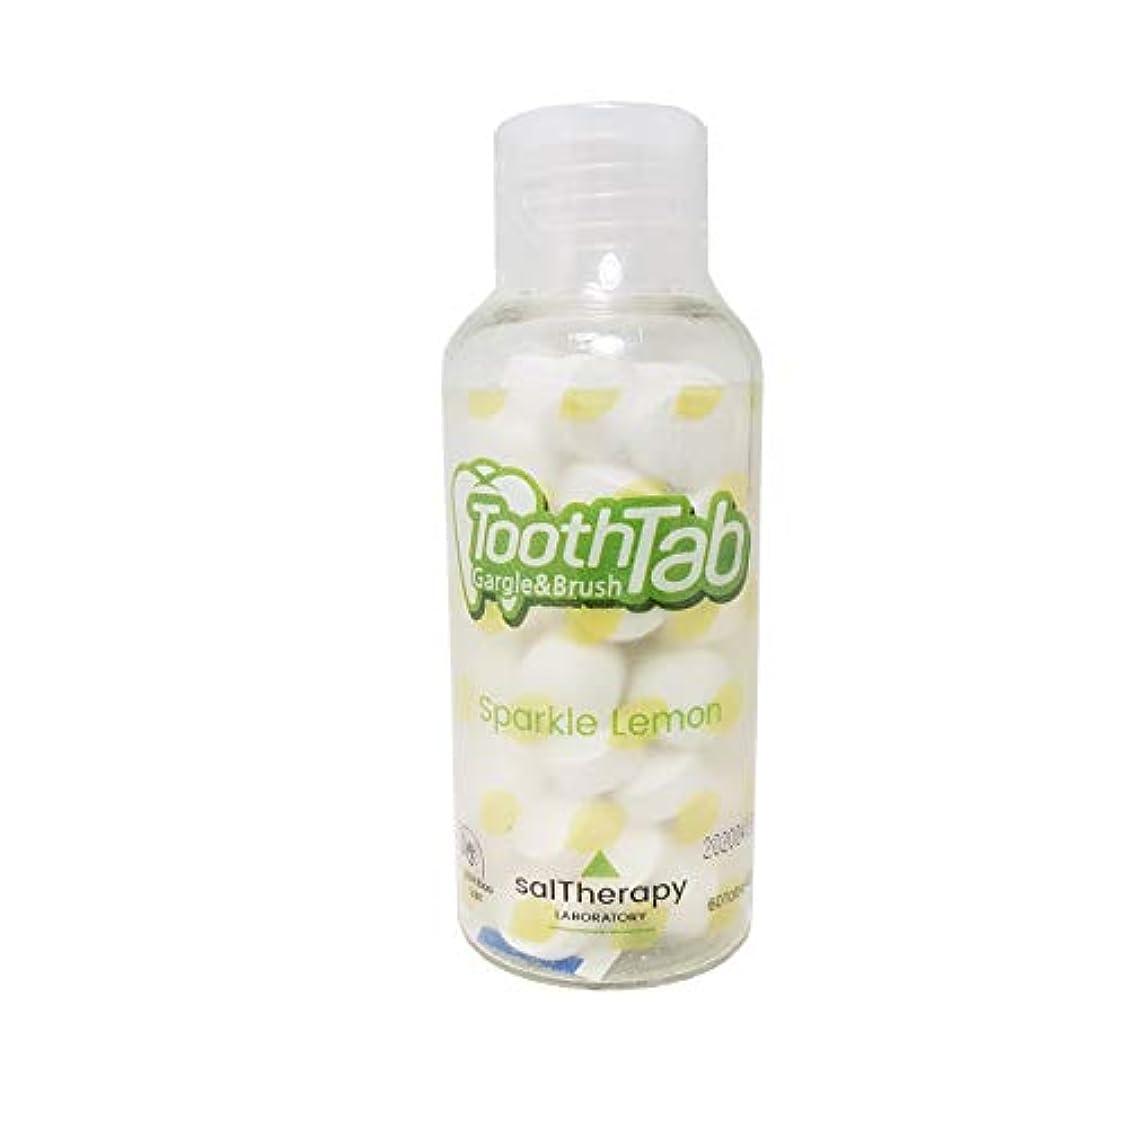 真実に潜水艦穏やかなSalTherapy 歯磨き粉 固体タブレット 60個入 (Sparkle Lemon)